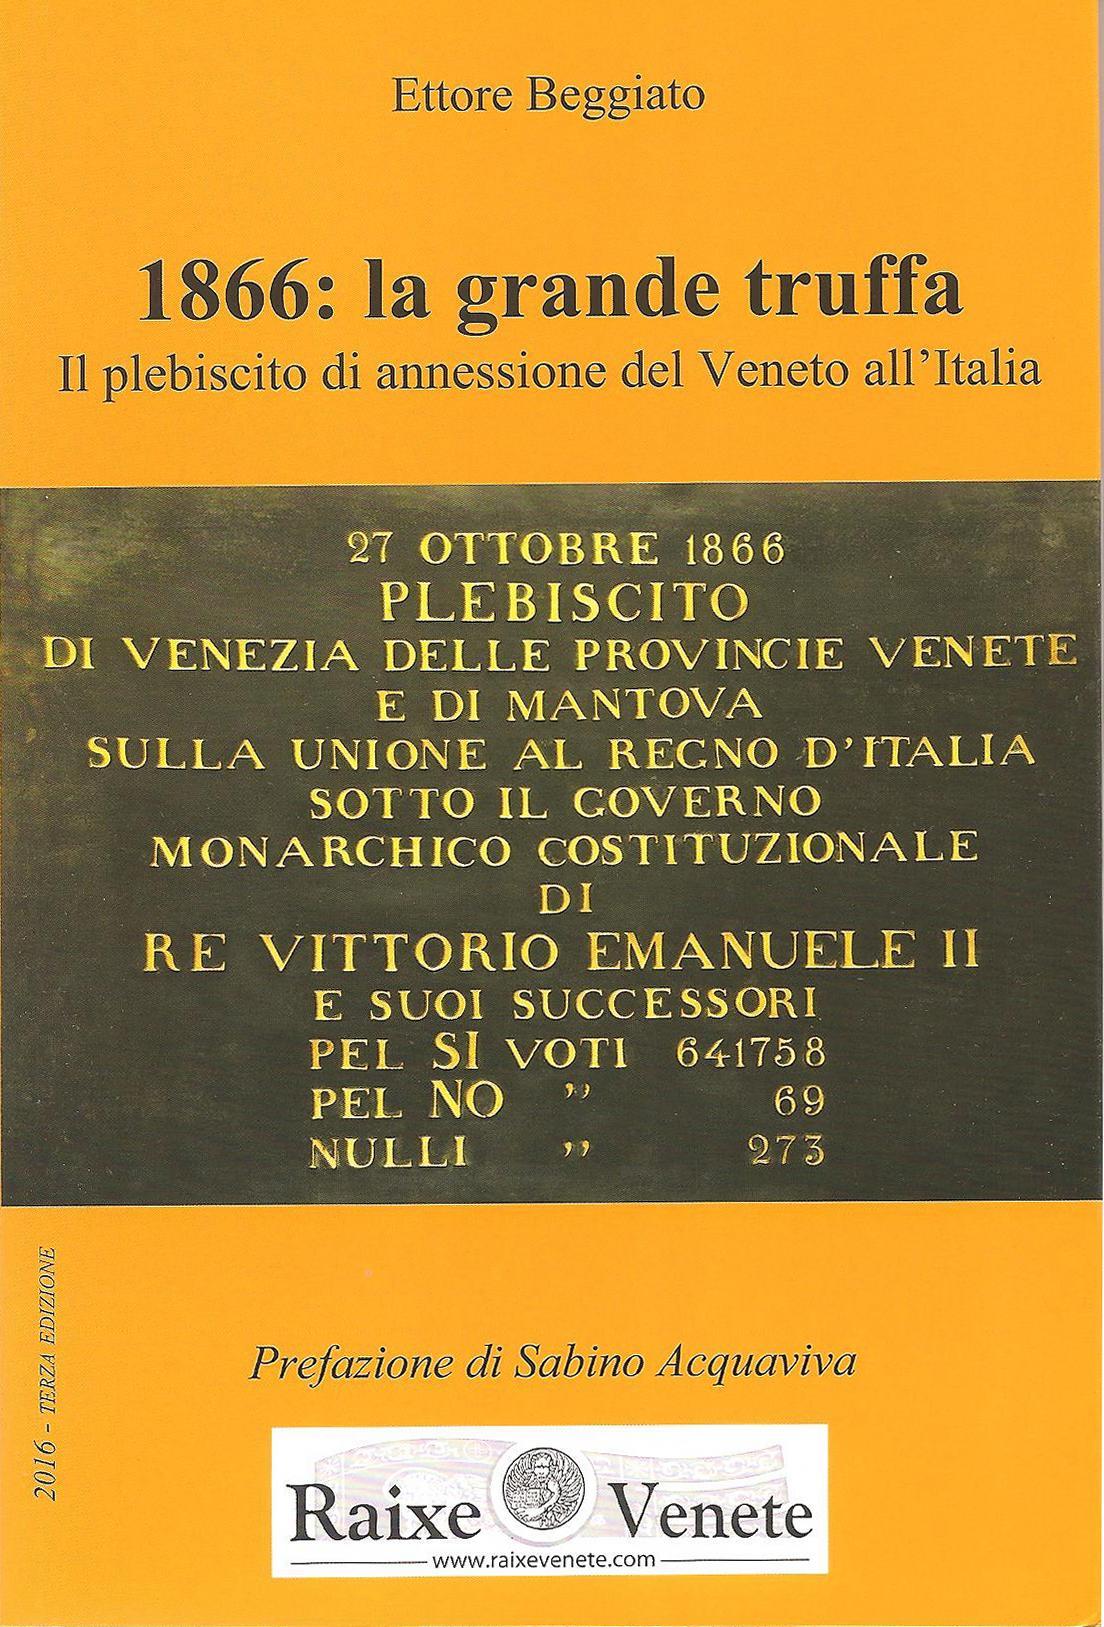 1866-la-grande-truffa-raixe-venete